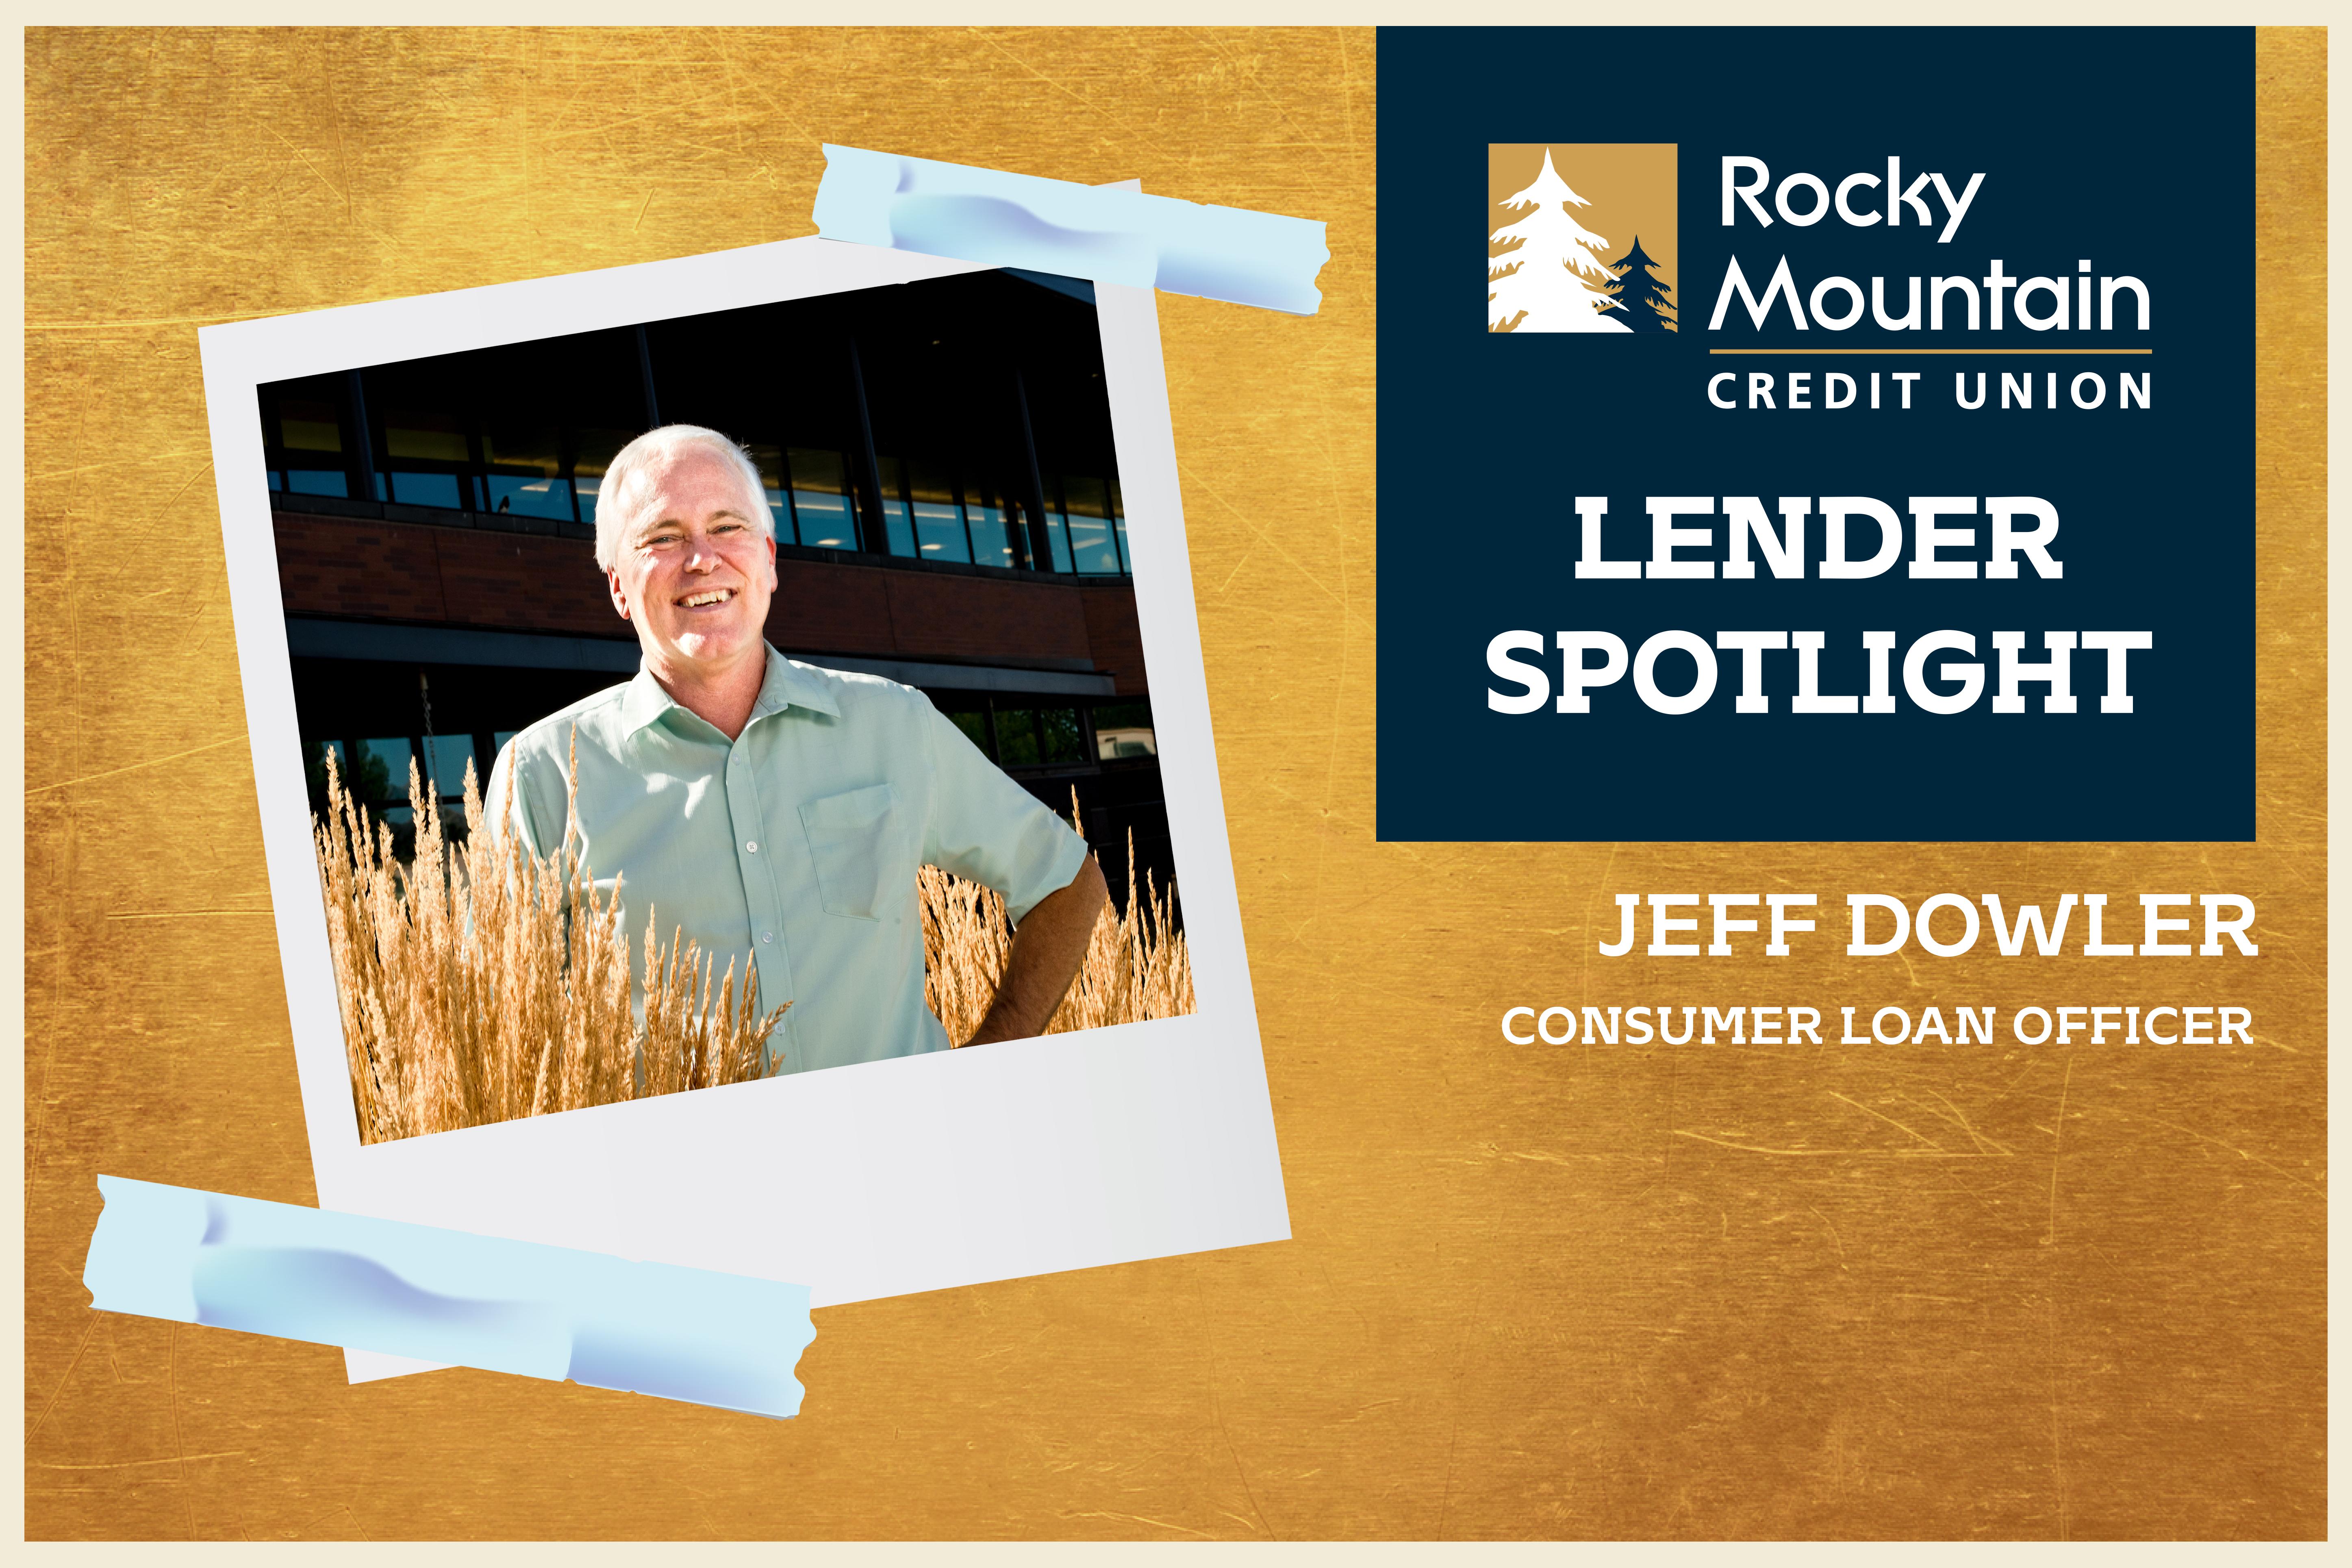 Lender Spotlight: Jeff Dowler